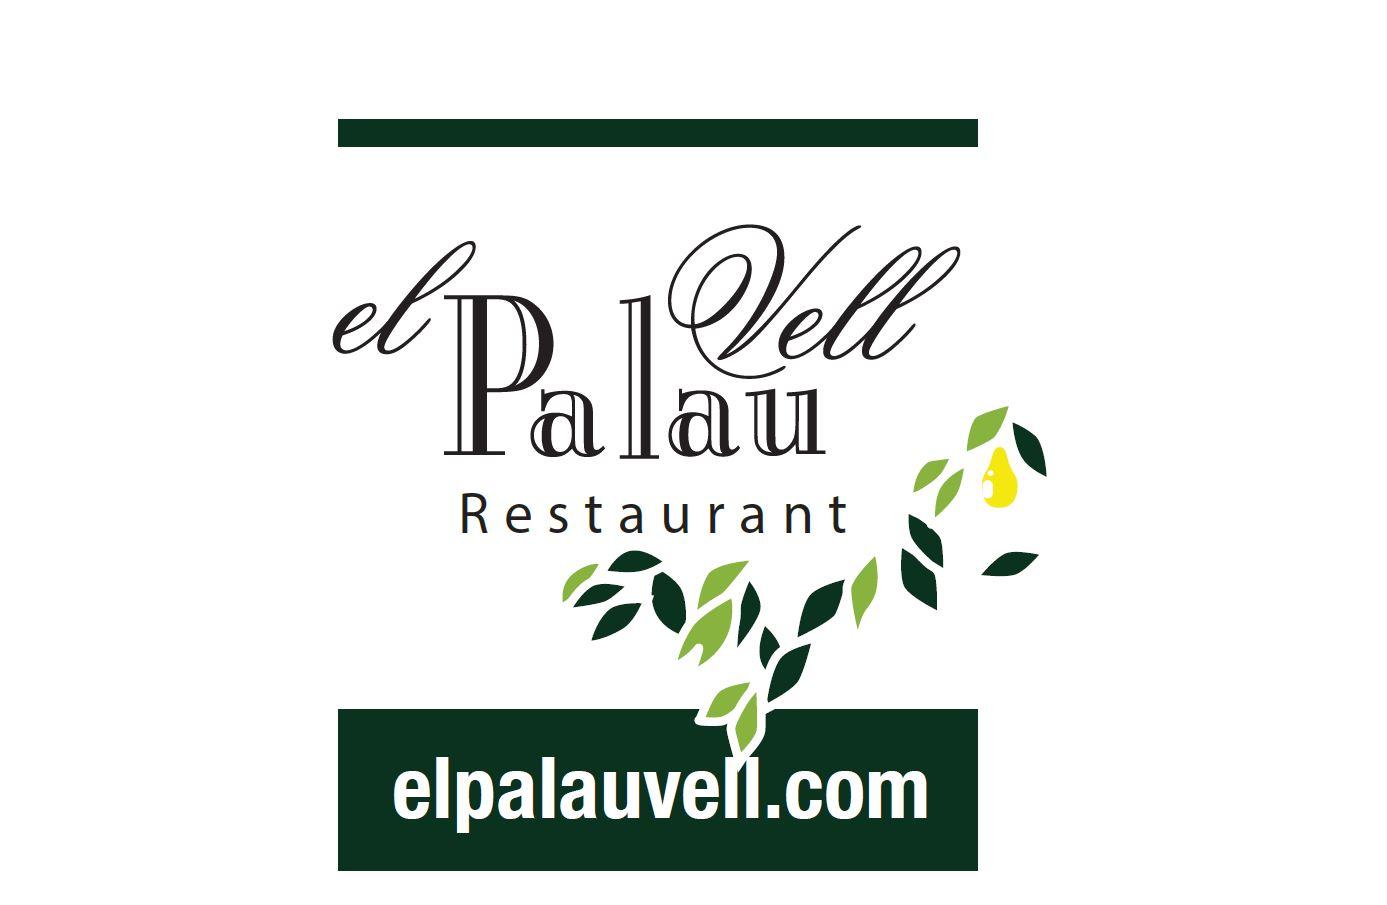 Palau Vell